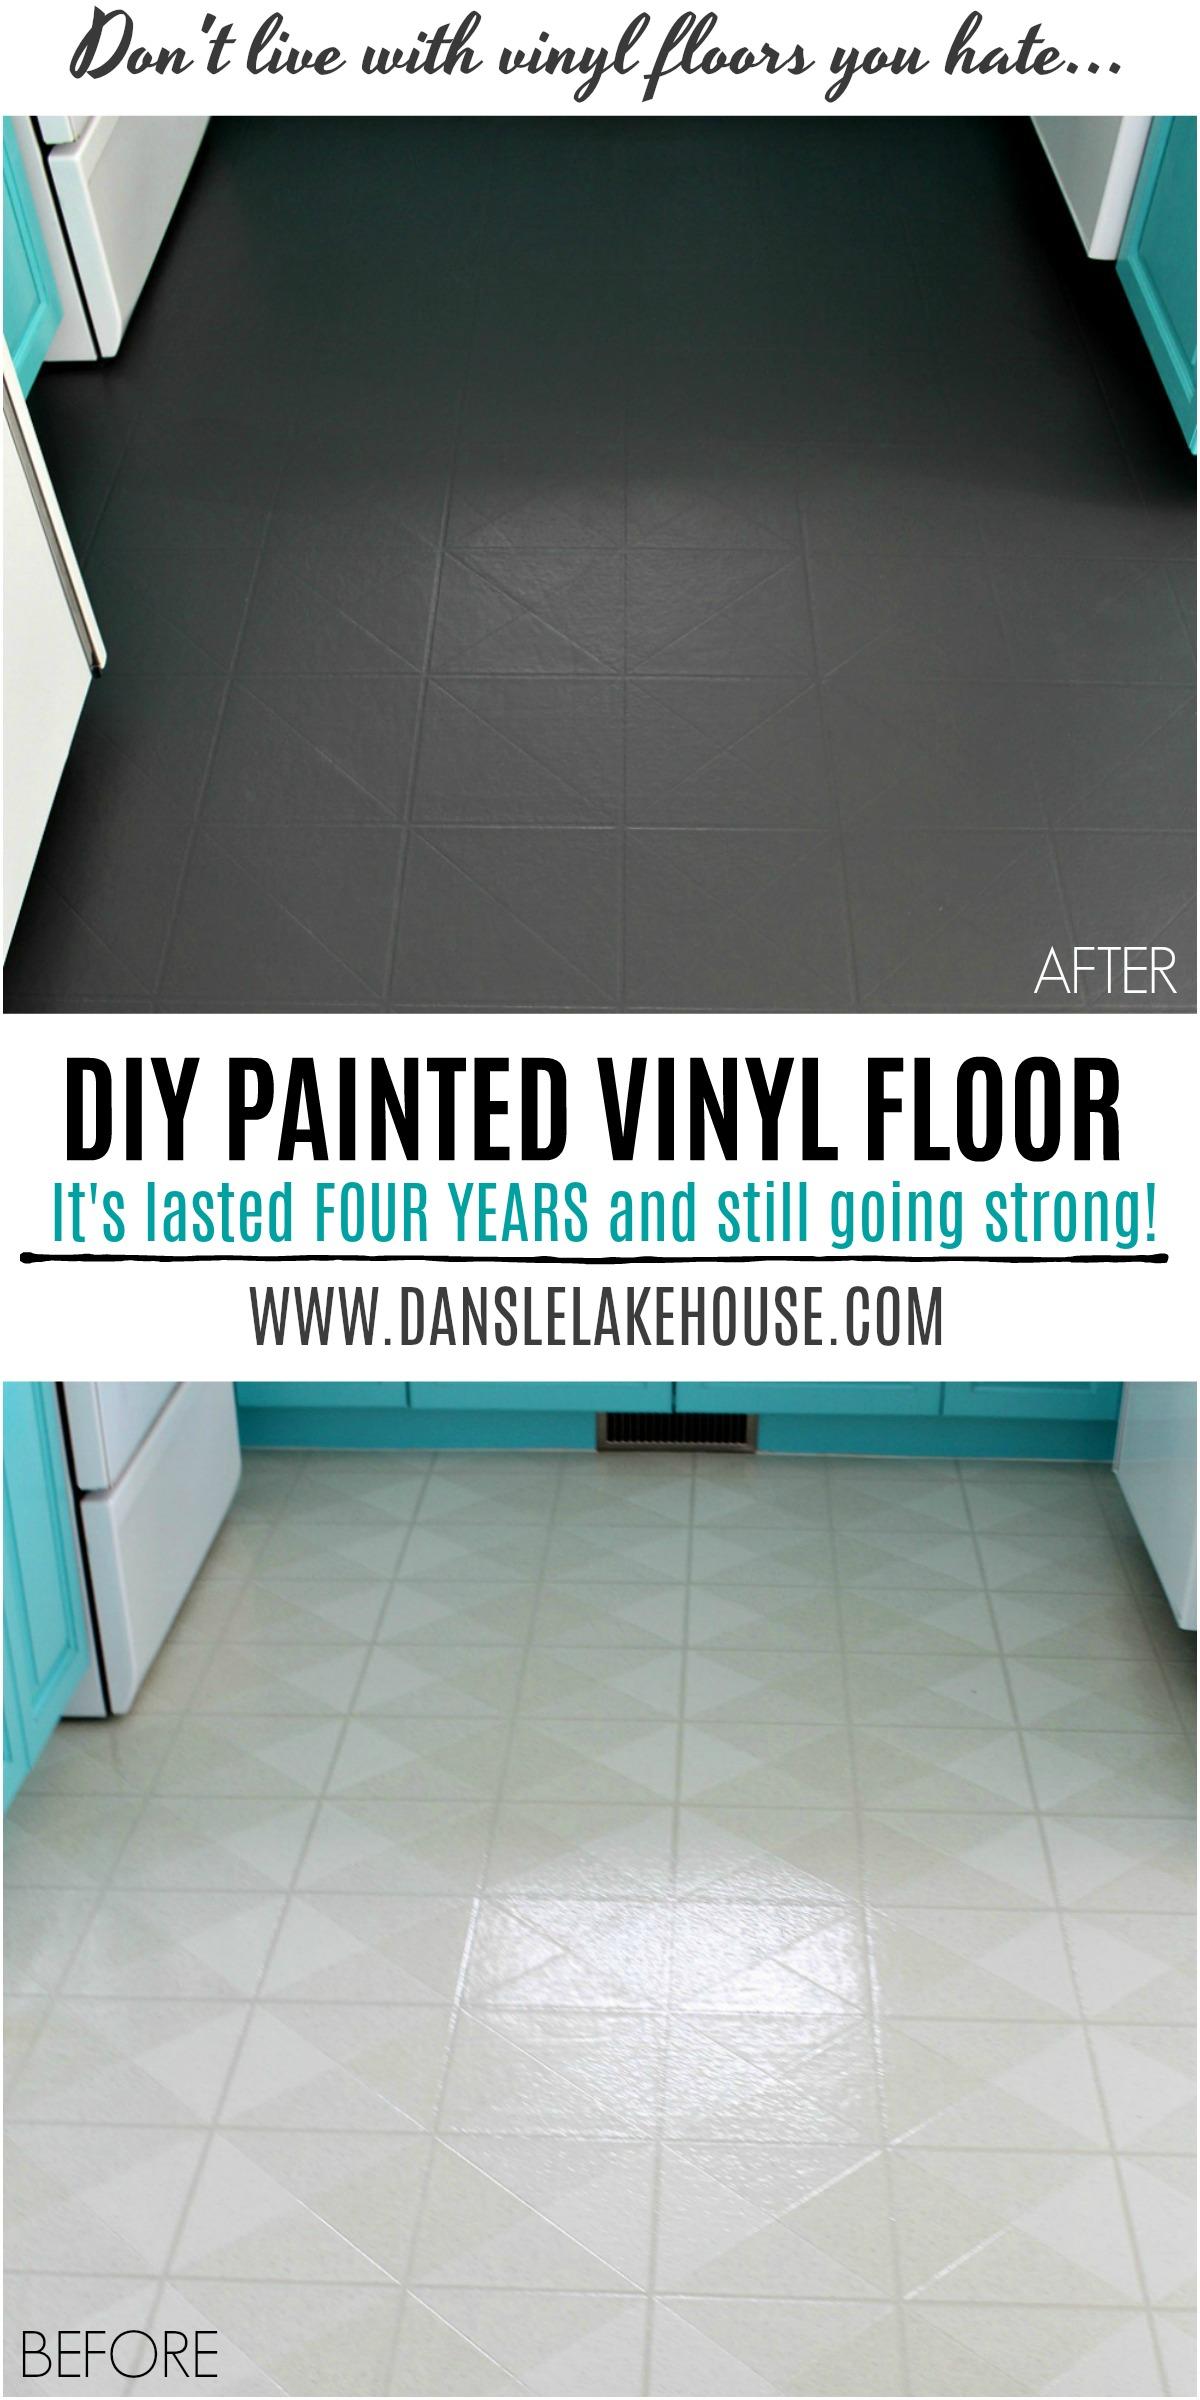 How to Paint Vinyl Floors